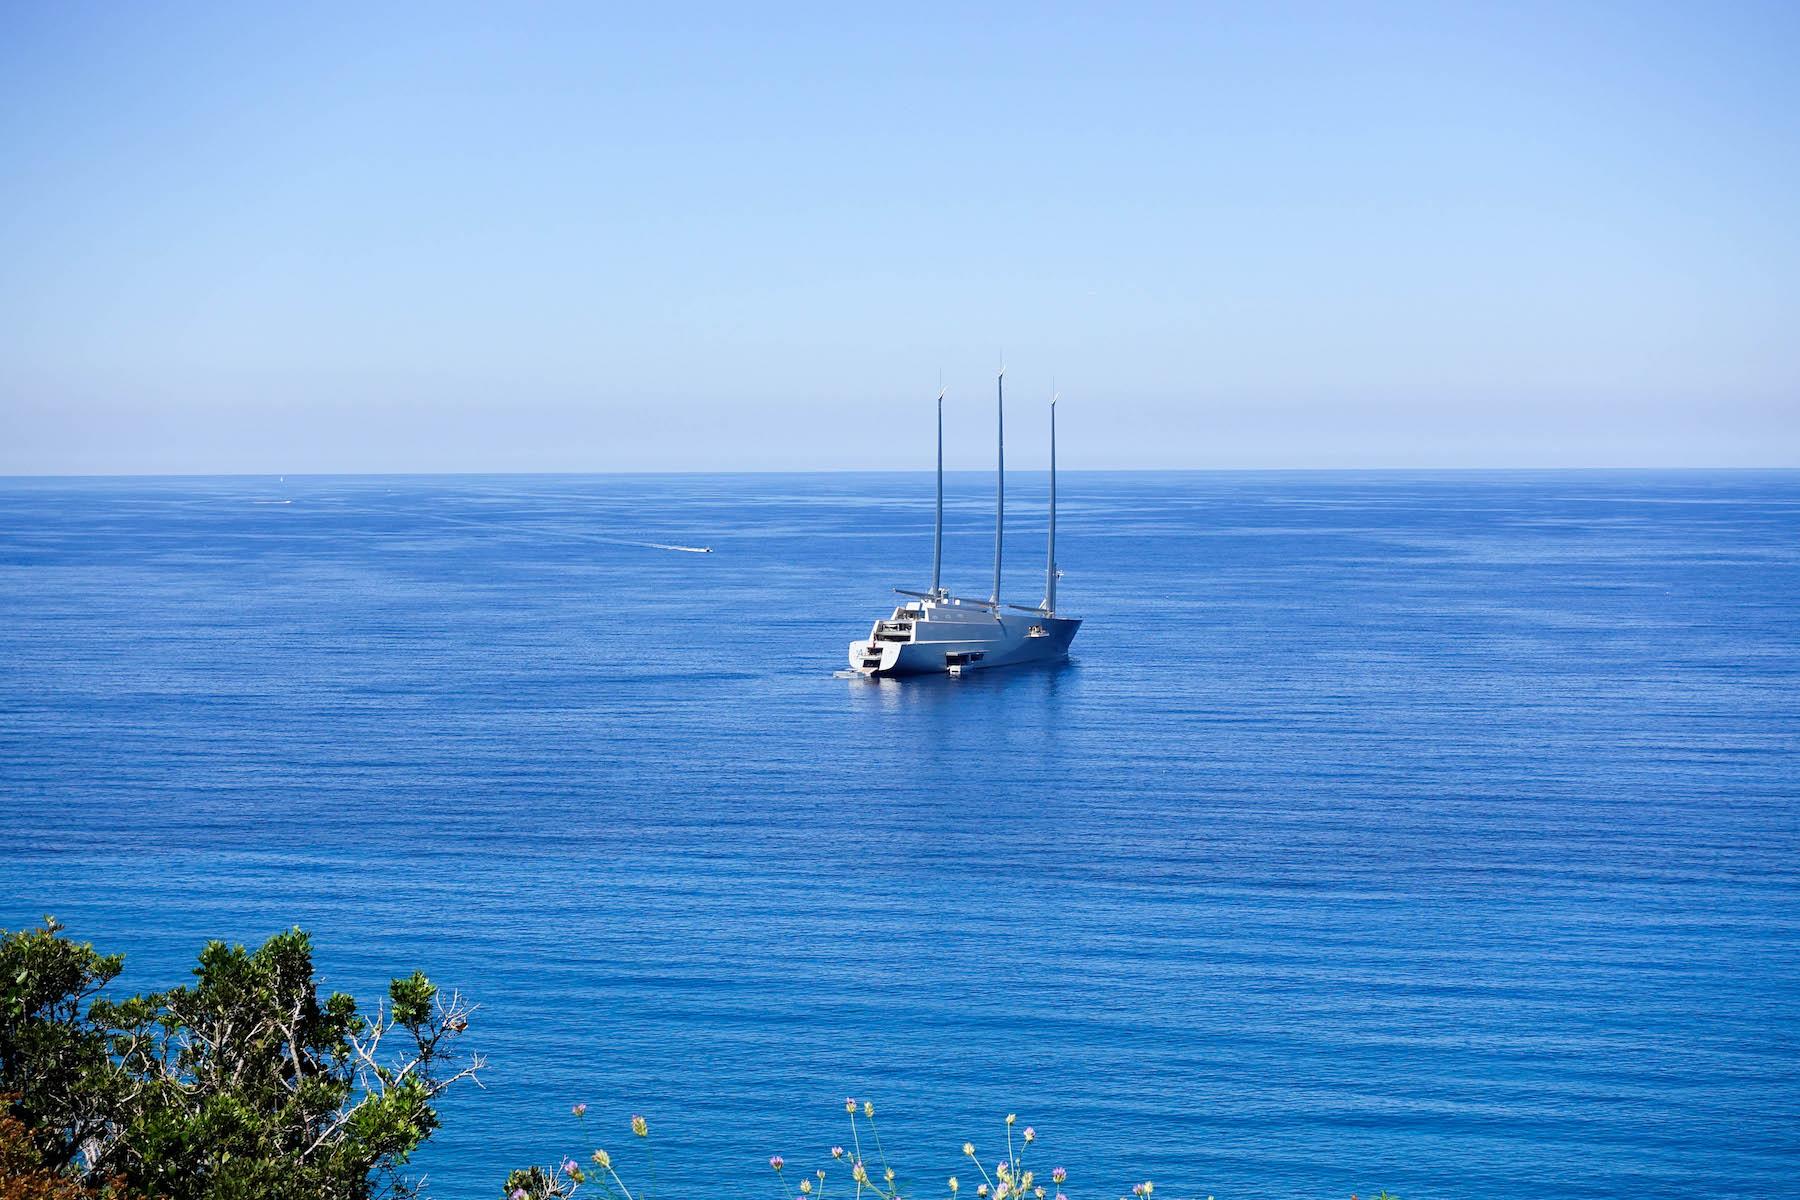 suelovesnyc_auszeit_blog_weekly_update_korsika_Segelboot_Segelschiff_Abramovic_grosstes_segelboot_der_welt